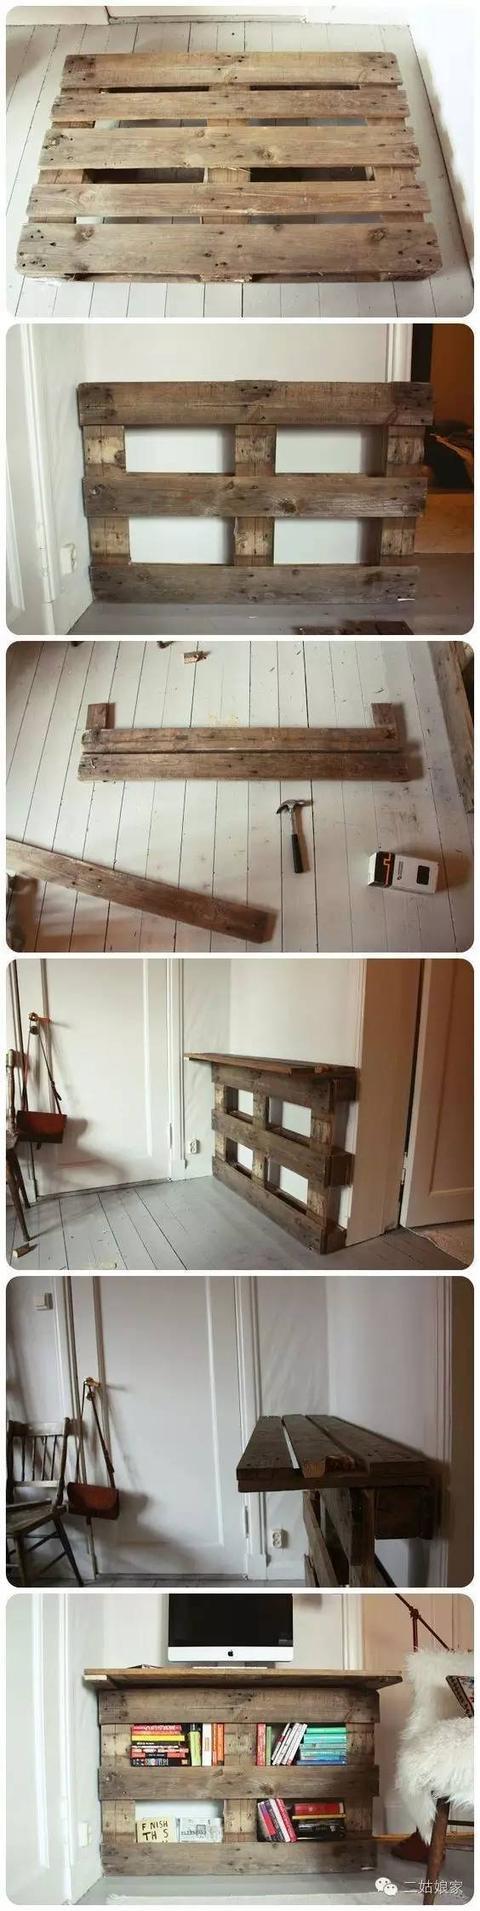 別再花錢買家具了。床、沙發、書桌、電視櫃一塊木板全搞定! - 每日頭條